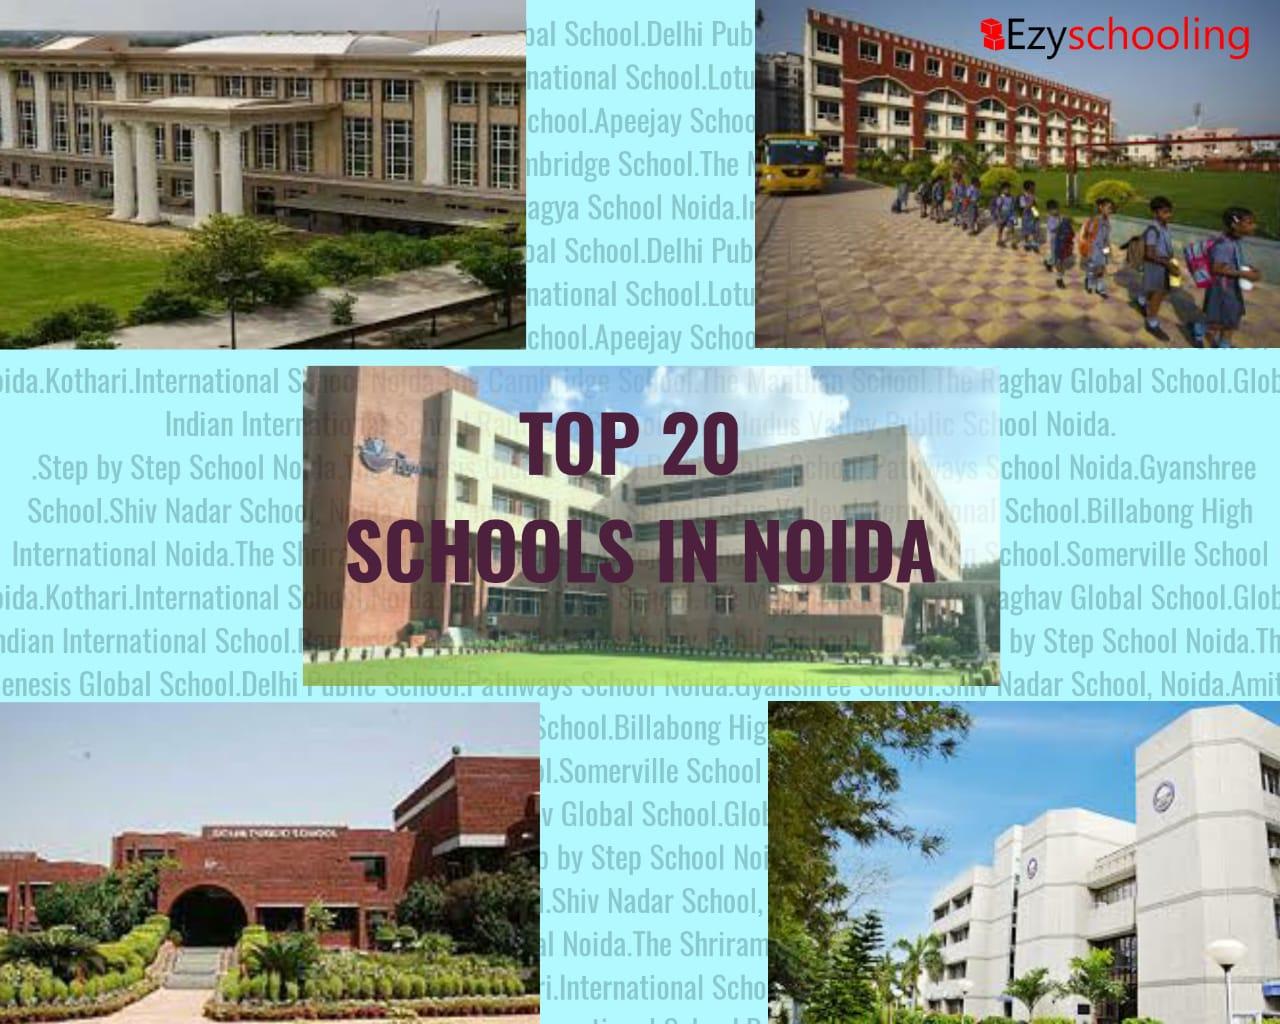 Top 20 Schools in Noida